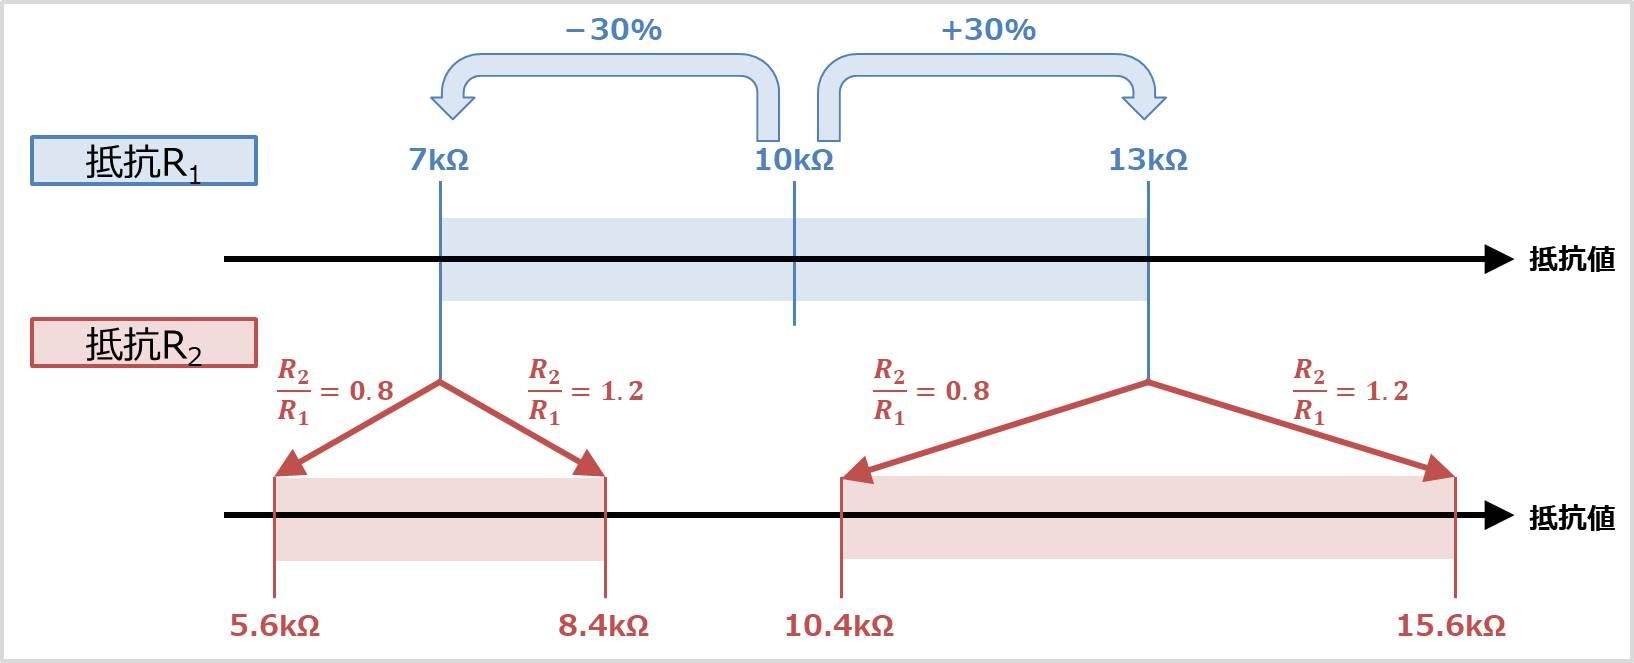 デジタルトランジスタ(デジトラ)の抵抗比率